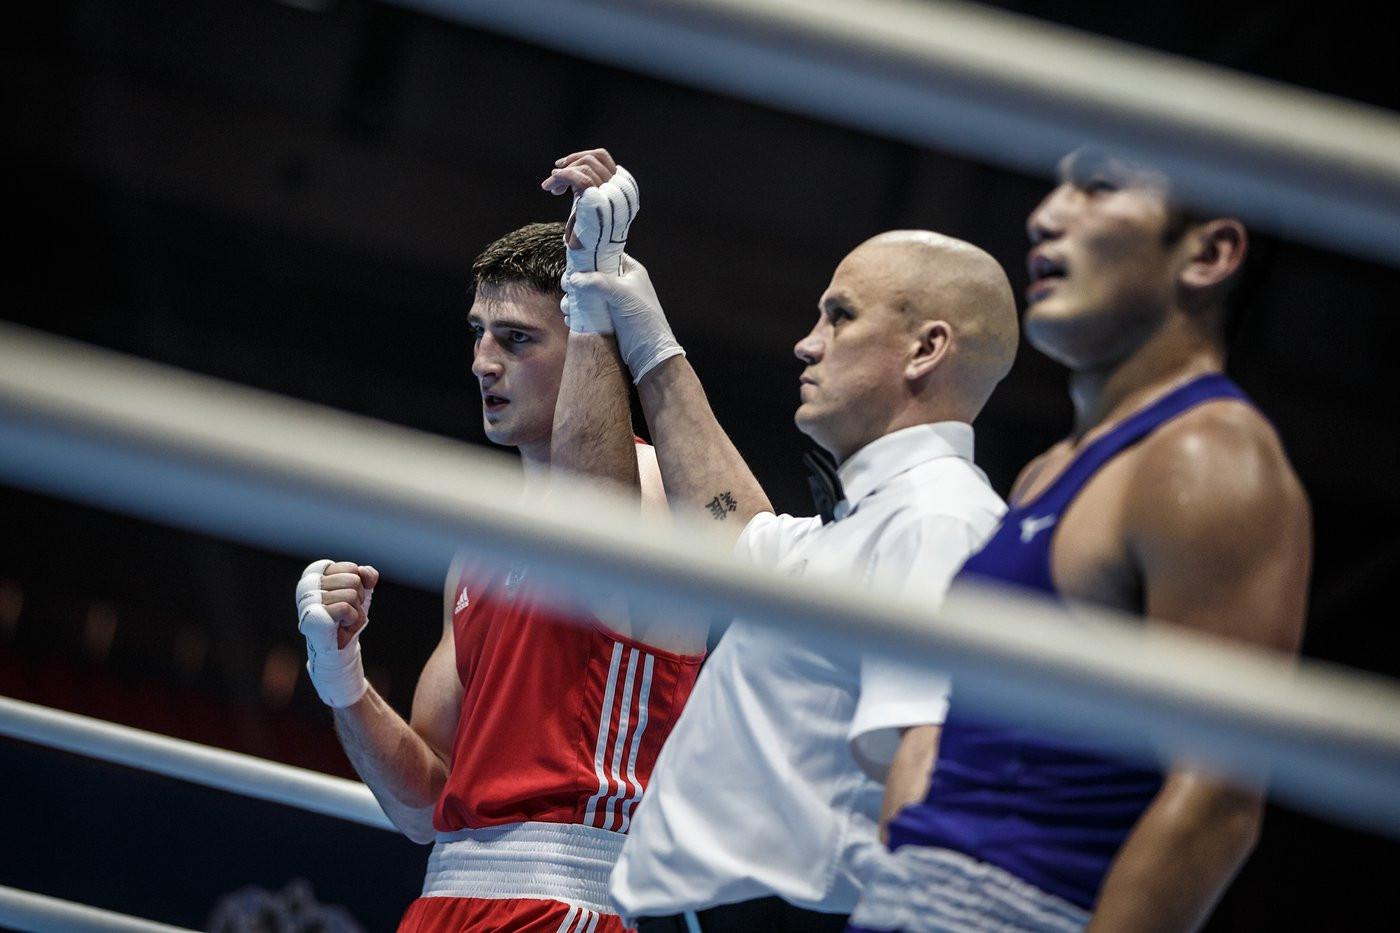 Sammy Lee of Wales defeated Jordan's Odai Alhindawi to set up the clash with Kushitashvili ©Yekaterinburg 2019